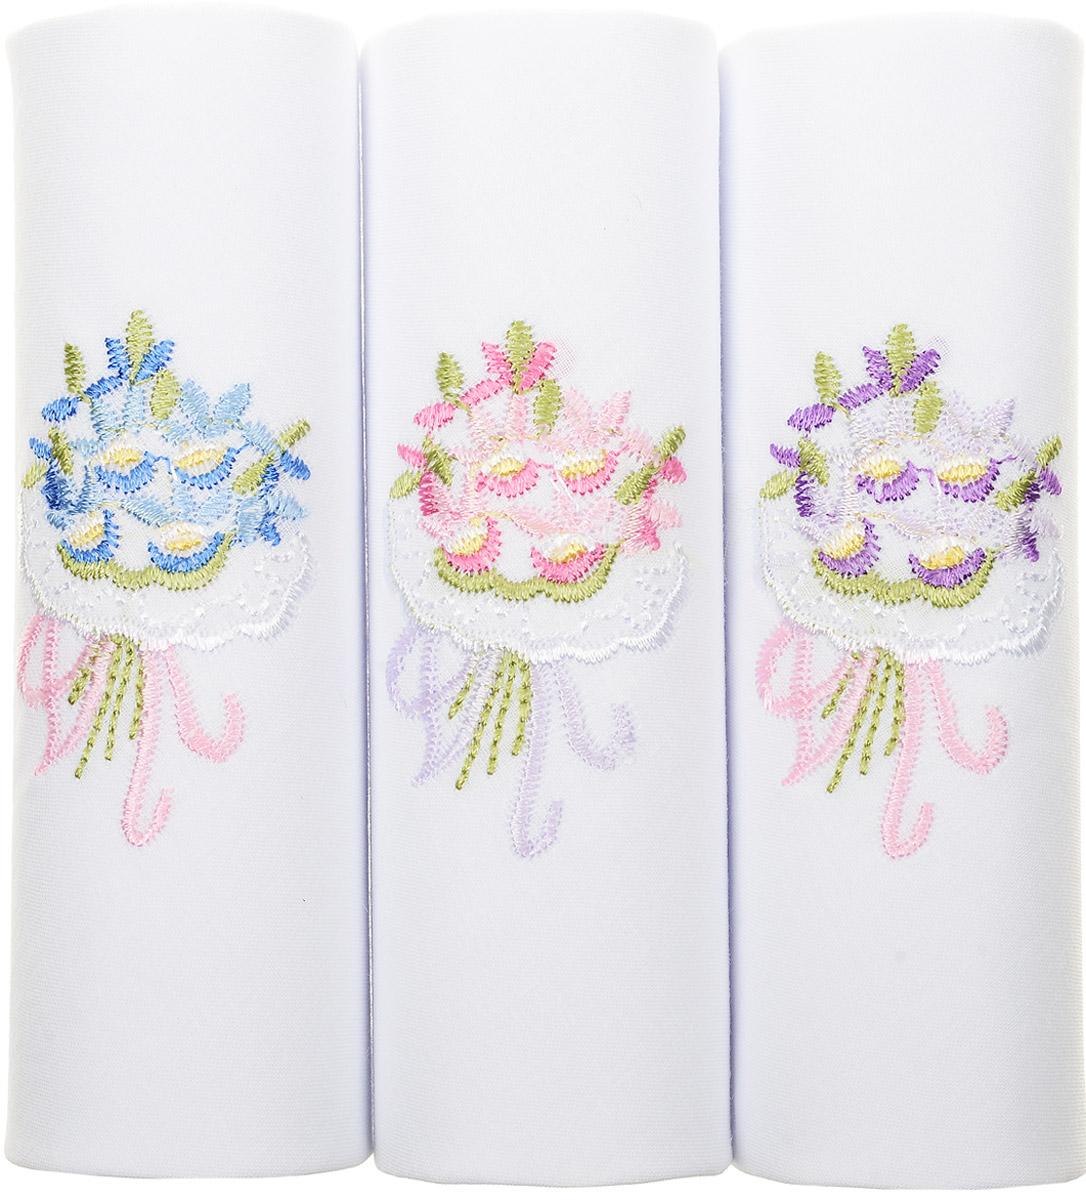 Платок носовой женский Zlata Korunka, цвет: белый, мультиколор, 3 шт. 40320-6. Размер 43 см х 43 смБрошь-кулонОригинальный женский носовой платок Zlata Korunka изготовлен из высококачественного натурального хлопка, благодаря чему приятен в использовании, хорошо стирается, не садится и отлично впитывает влагу. Практичный и изящный носовой платок будет незаменим в повседневной жизни любого современного человека. Такой платок послужит стильным аксессуаром и подчеркнет ваше превосходное чувство вкуса.